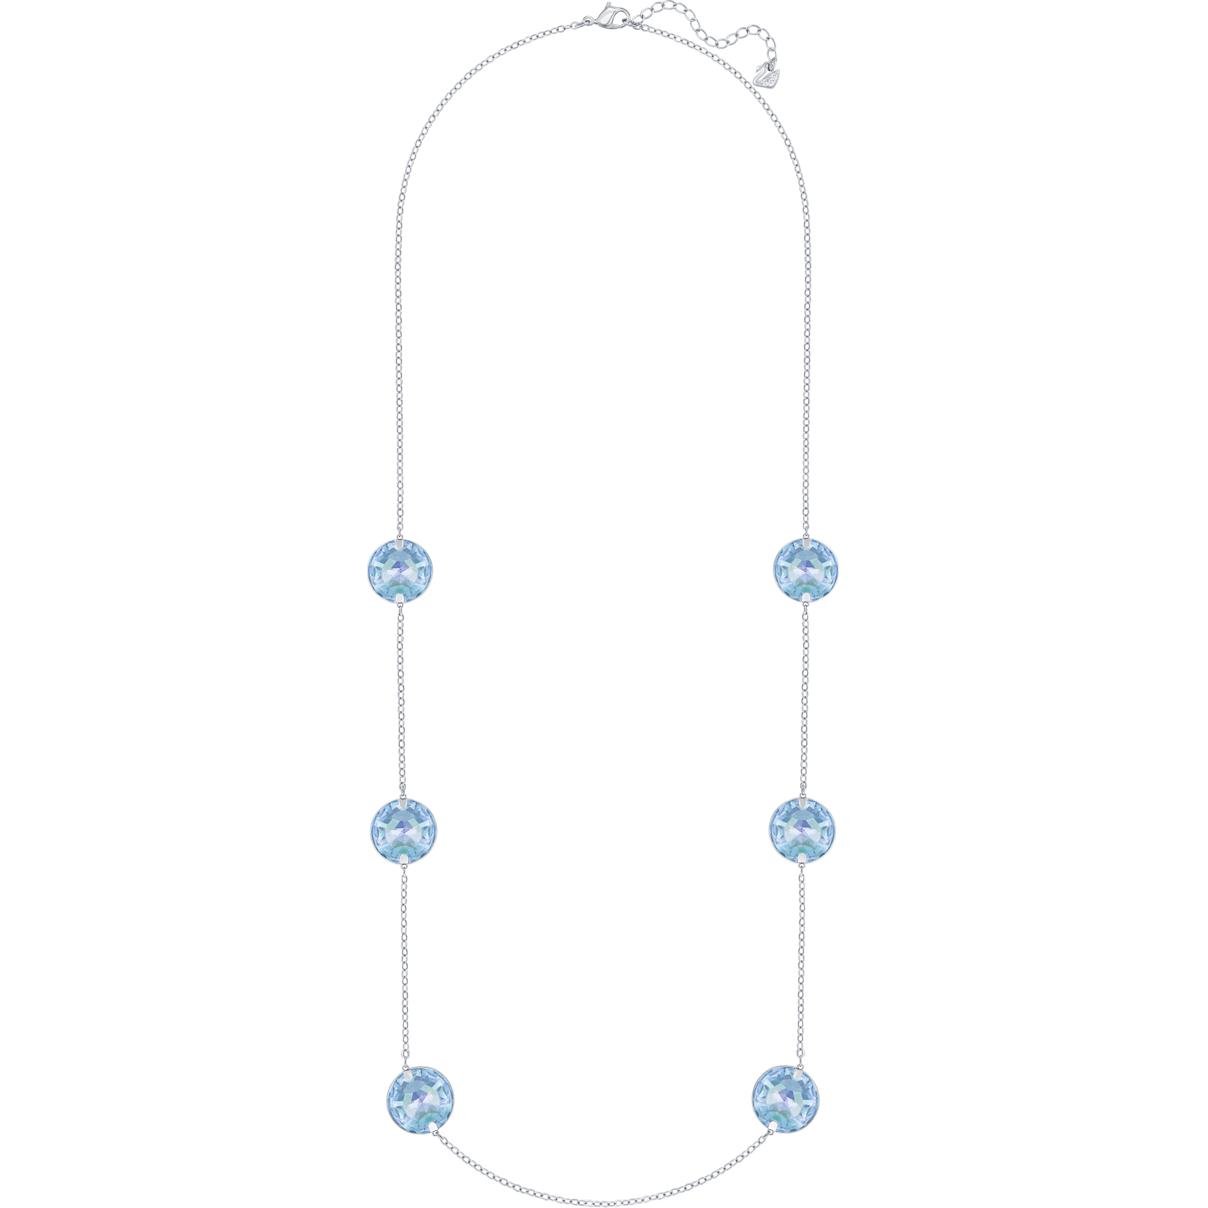 Swarovski Globe Strandage, Blue, Rhodium plating